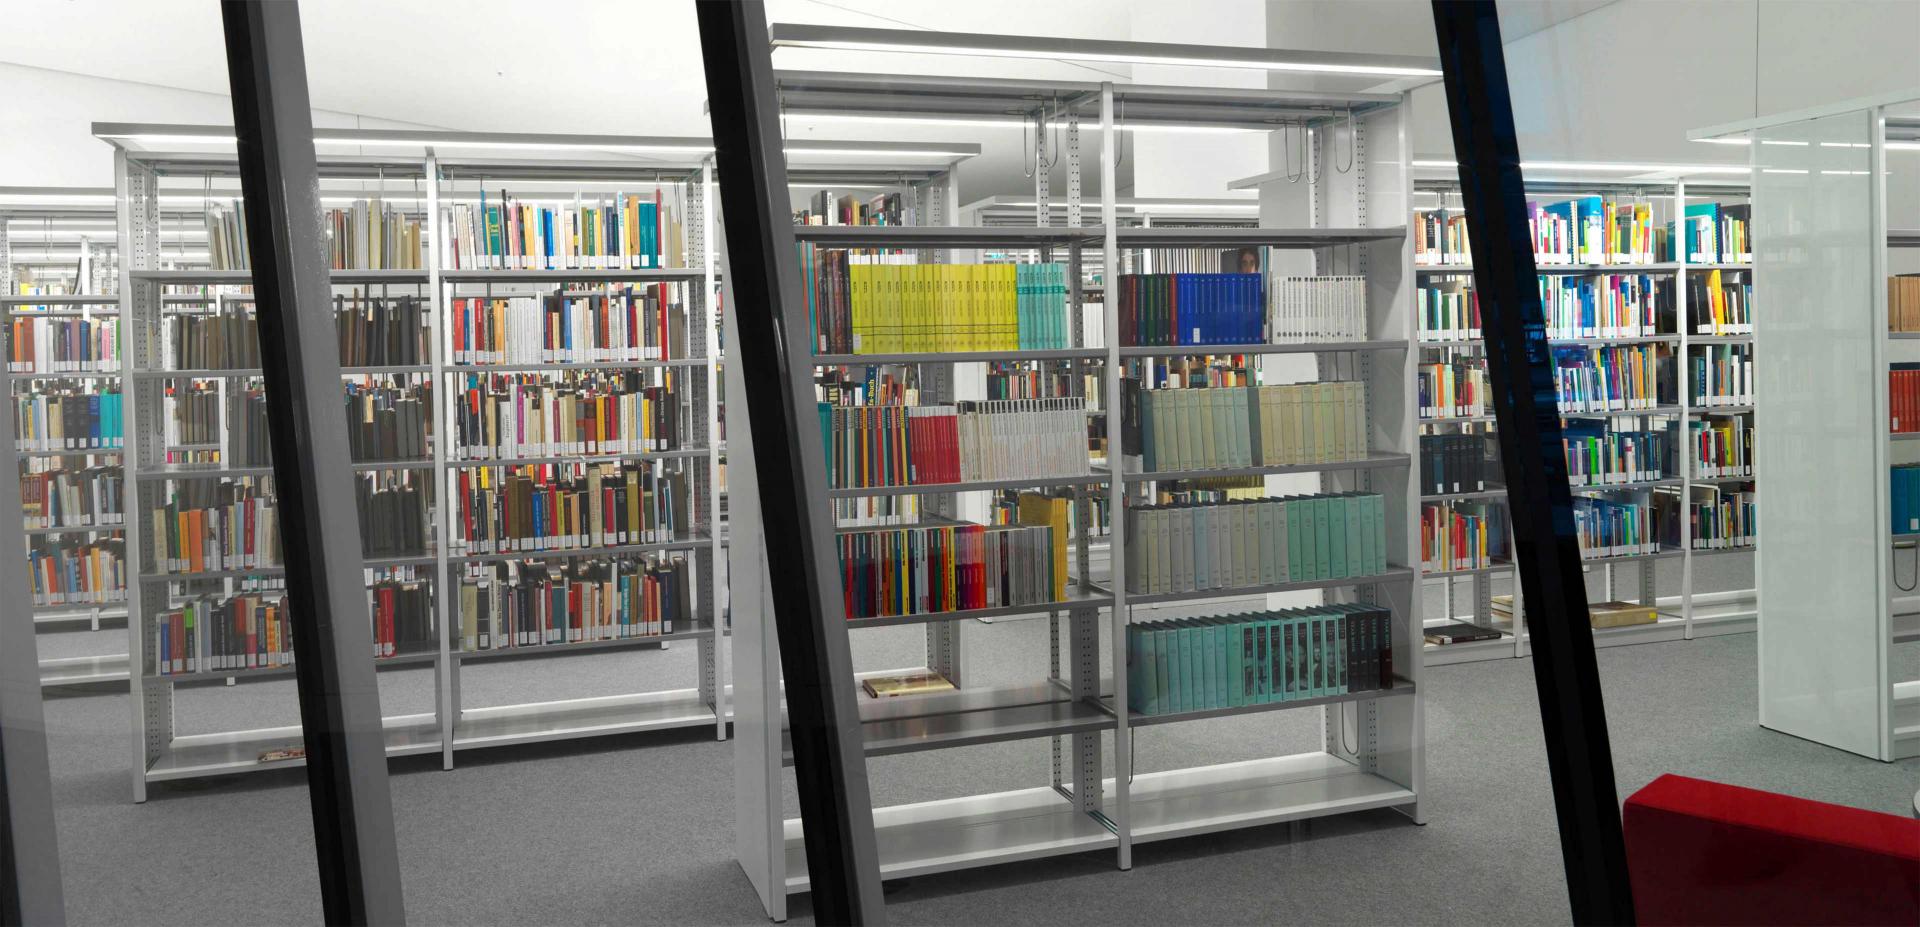 Bookshelves in our reading room